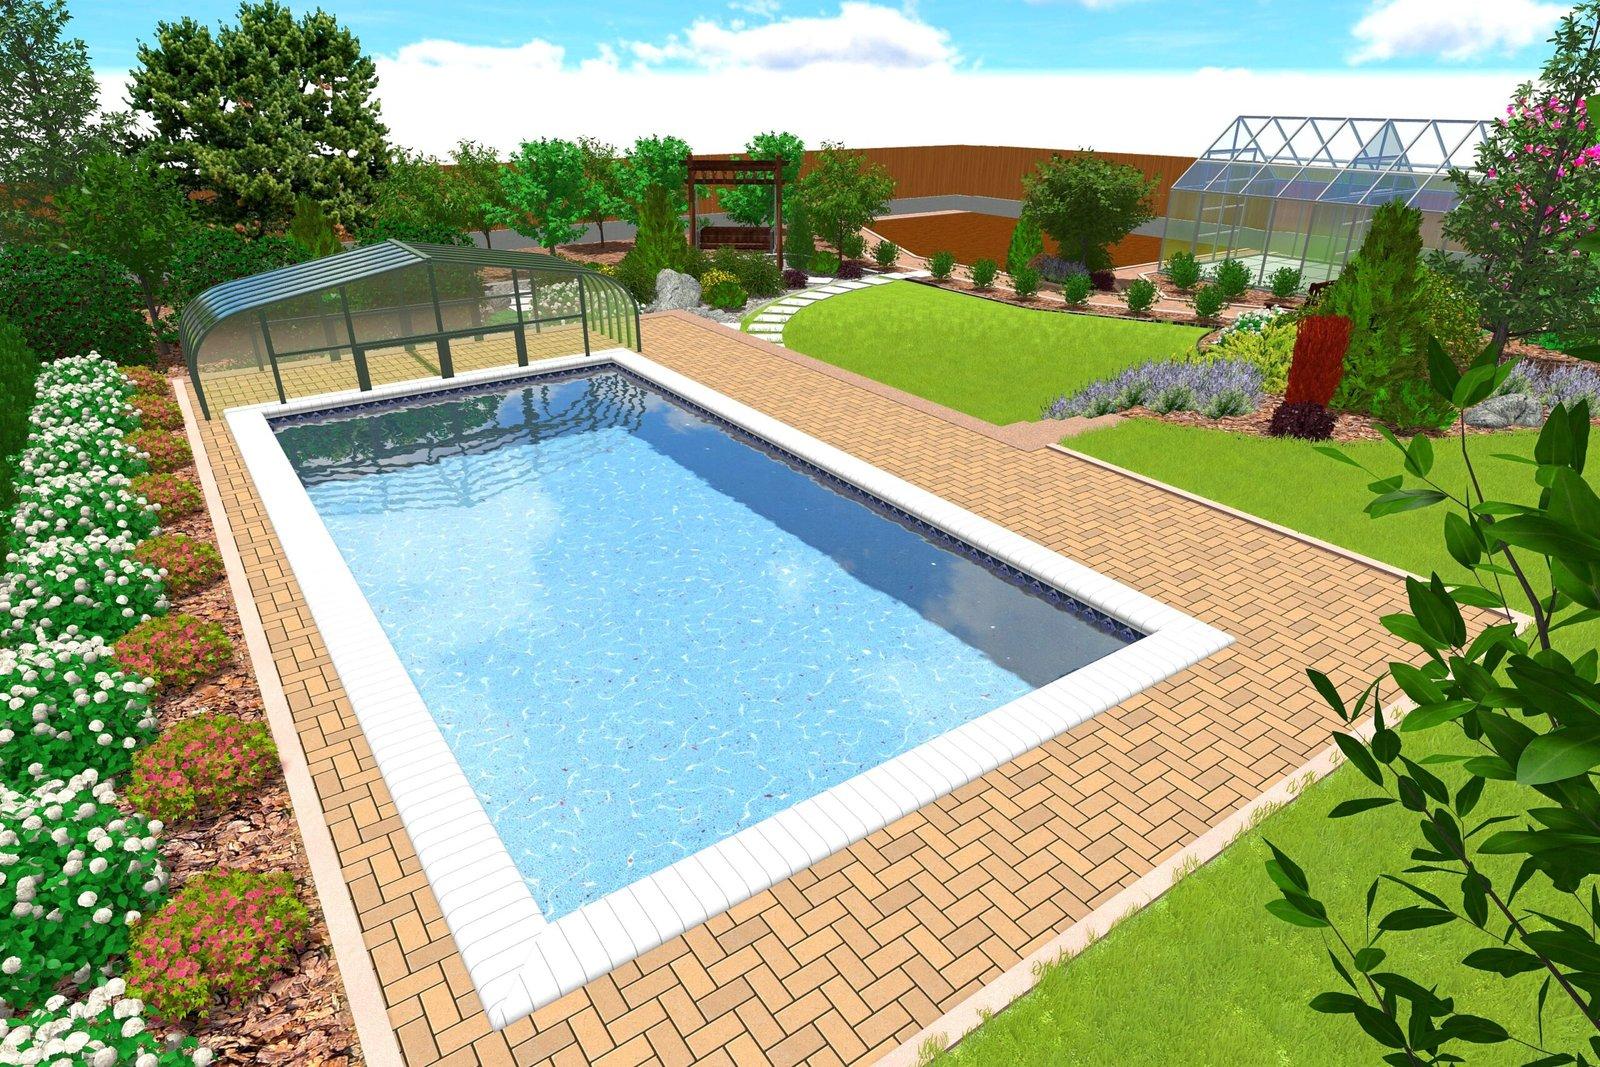 Проект 3д бассейна Киев, 3д проект бассейна в саду Киев, проект 3д ландшафтный дизайн бассейн Киев